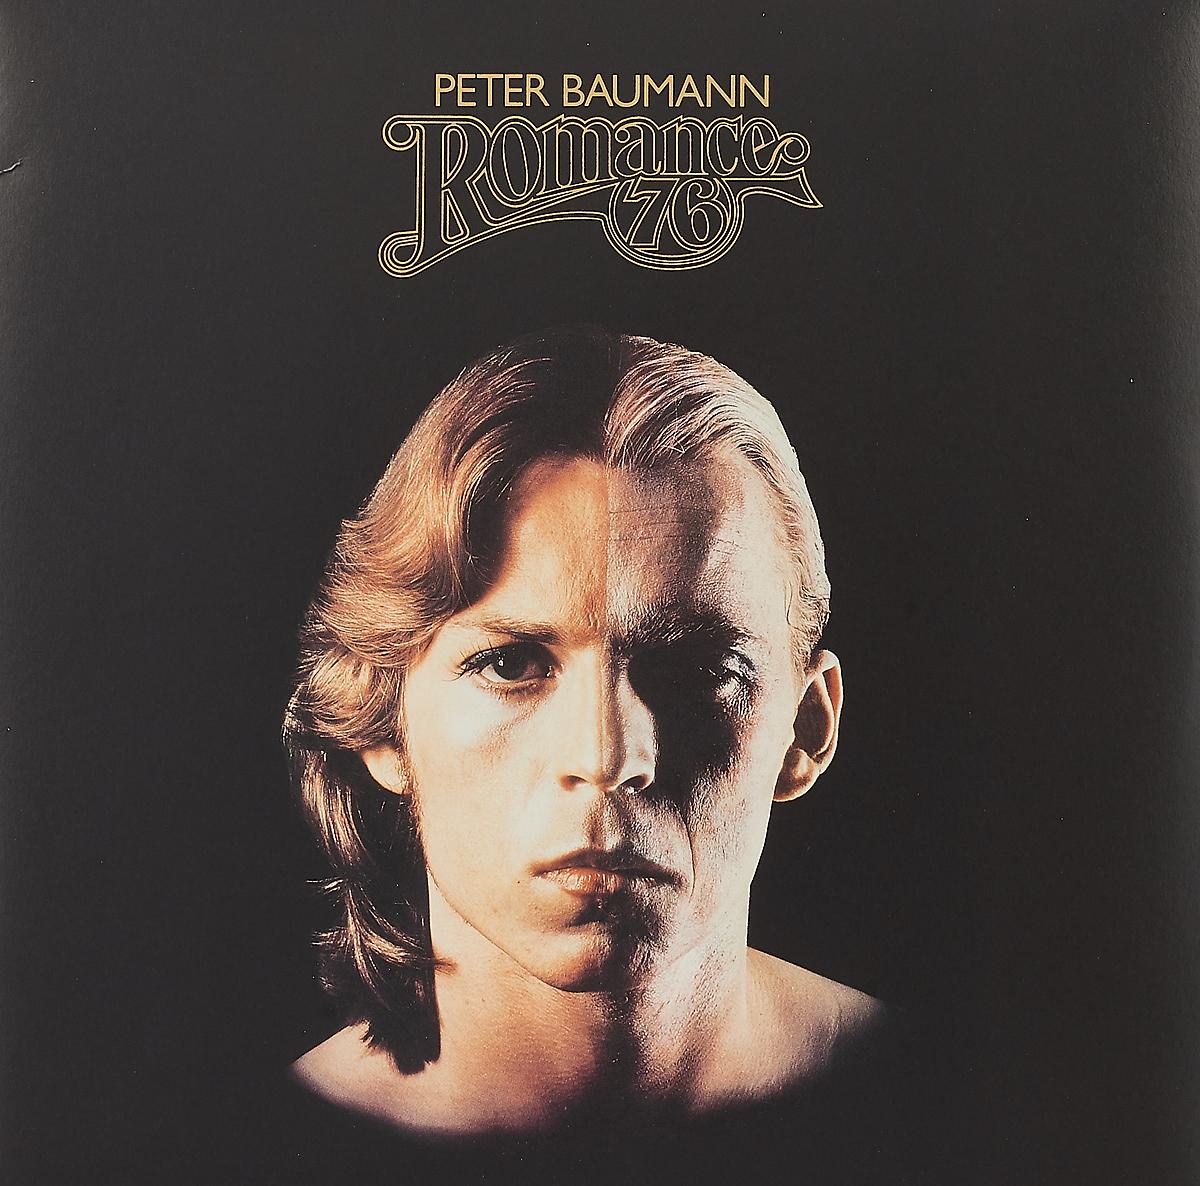 Peter Baumann Peter Baumann. Romance 76 (LP)